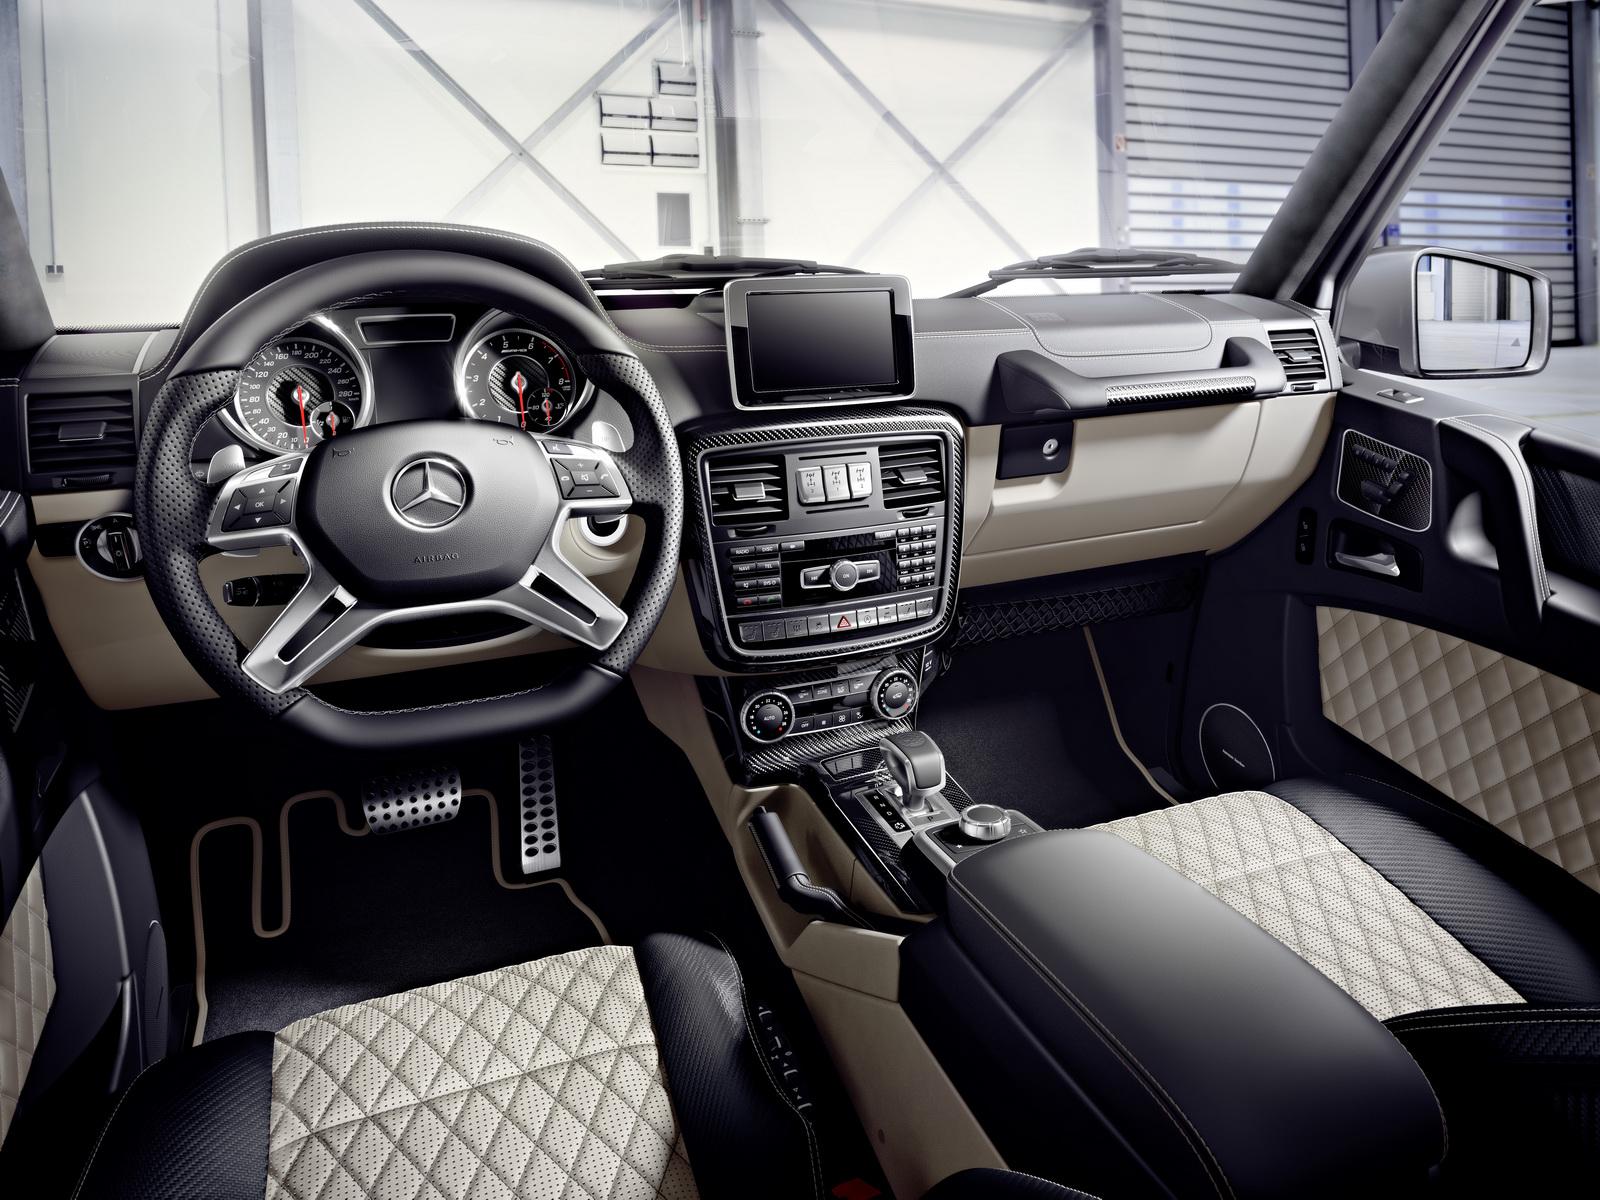 2016 MercedesBenz G500 4x4 19  BenzInsidercom  A Mercedes